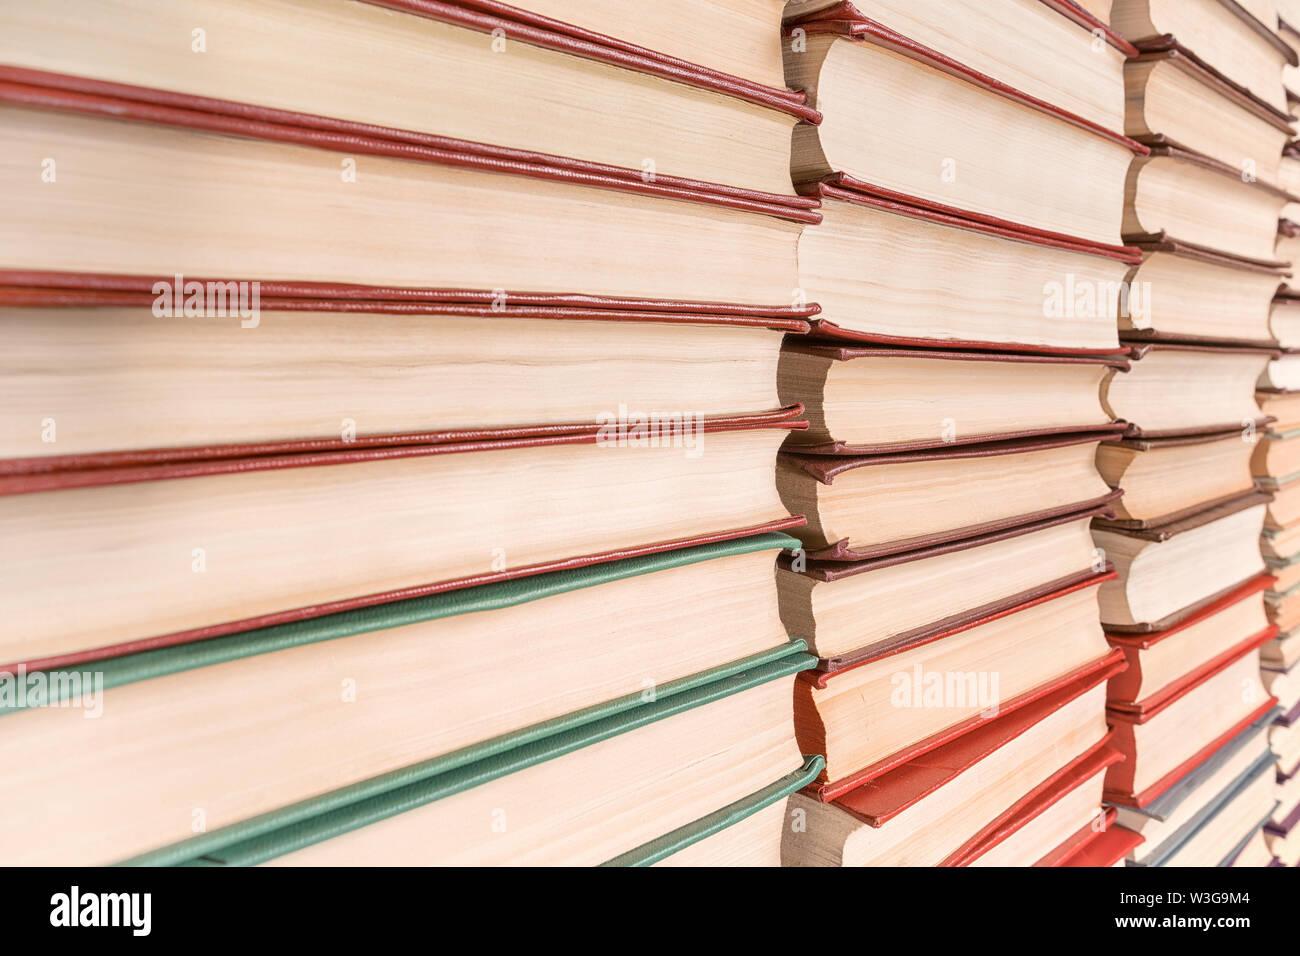 Pile de livres diminuant en perspective. La texture et l'arrière-plan Banque D'Images